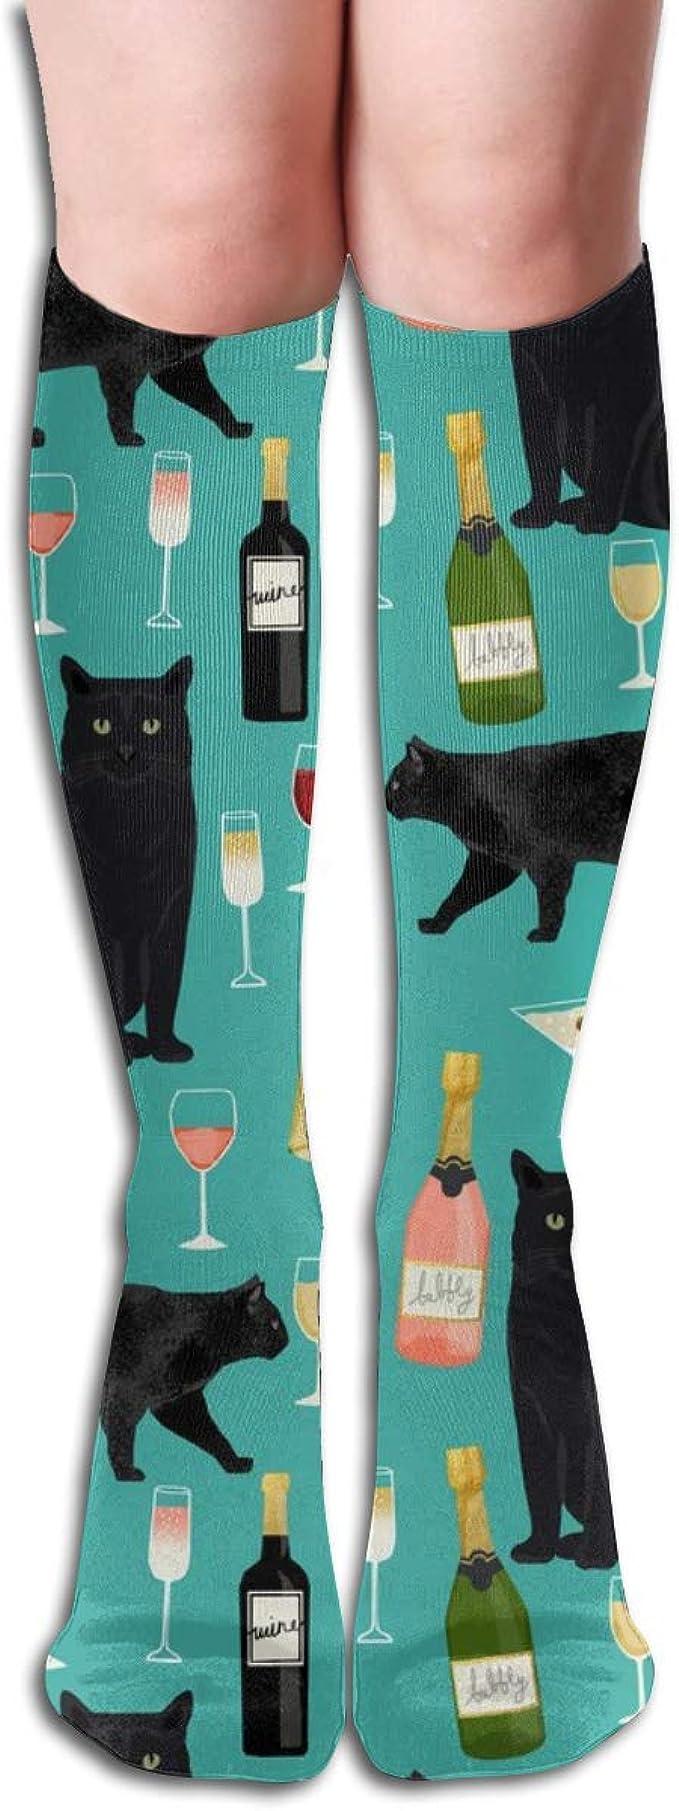 Tela de vino de gato negro Tela linda de rosas y gatos Tela de gatito Gato Tela de dama de gato Turquesa Tubo de mujer Rodilla Muslo Medias altas Calcetines de cosplay